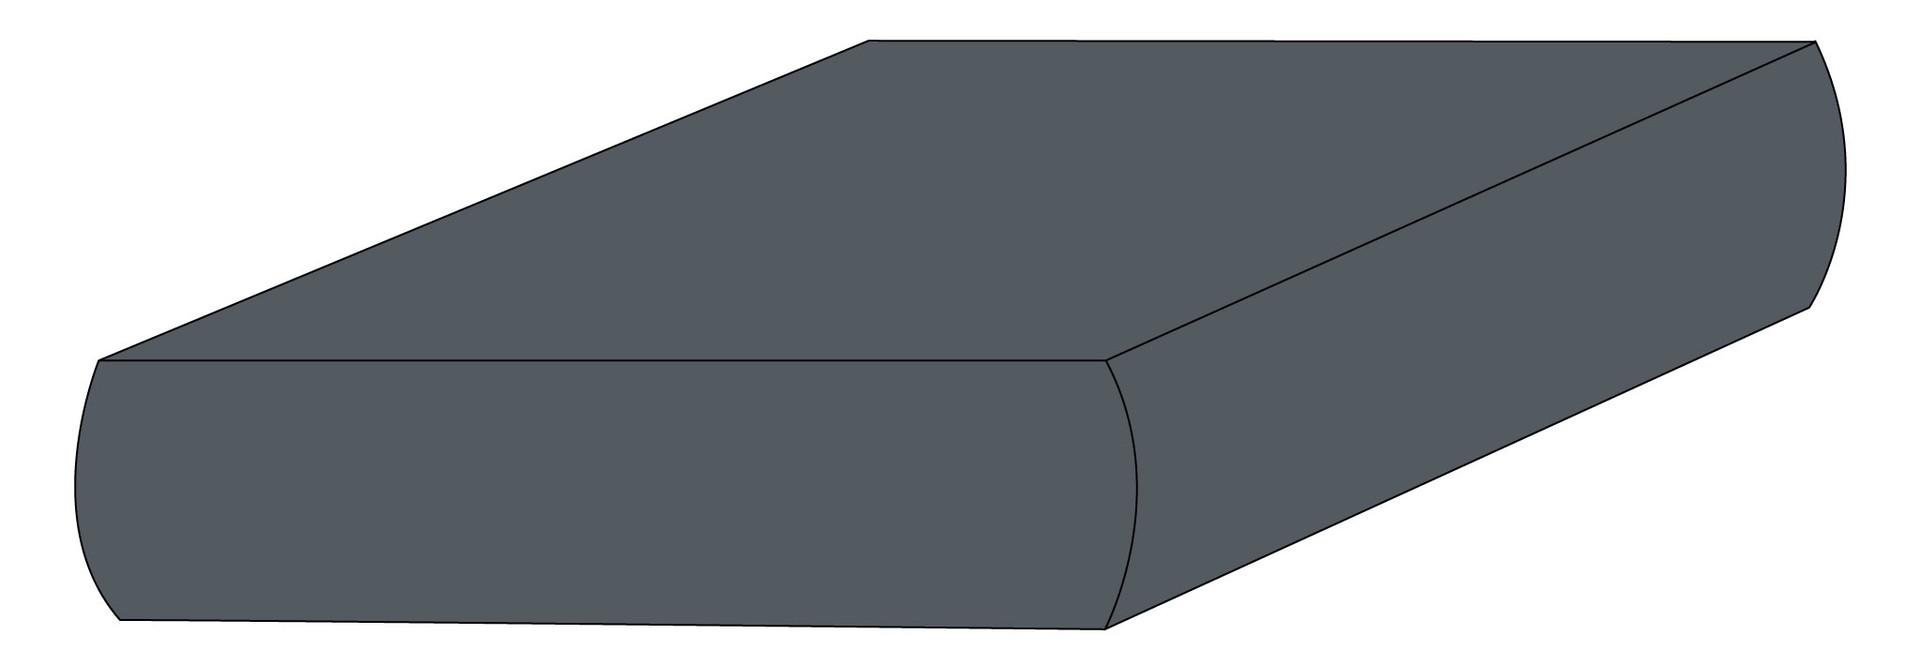 Drap contour coton - Charcoal